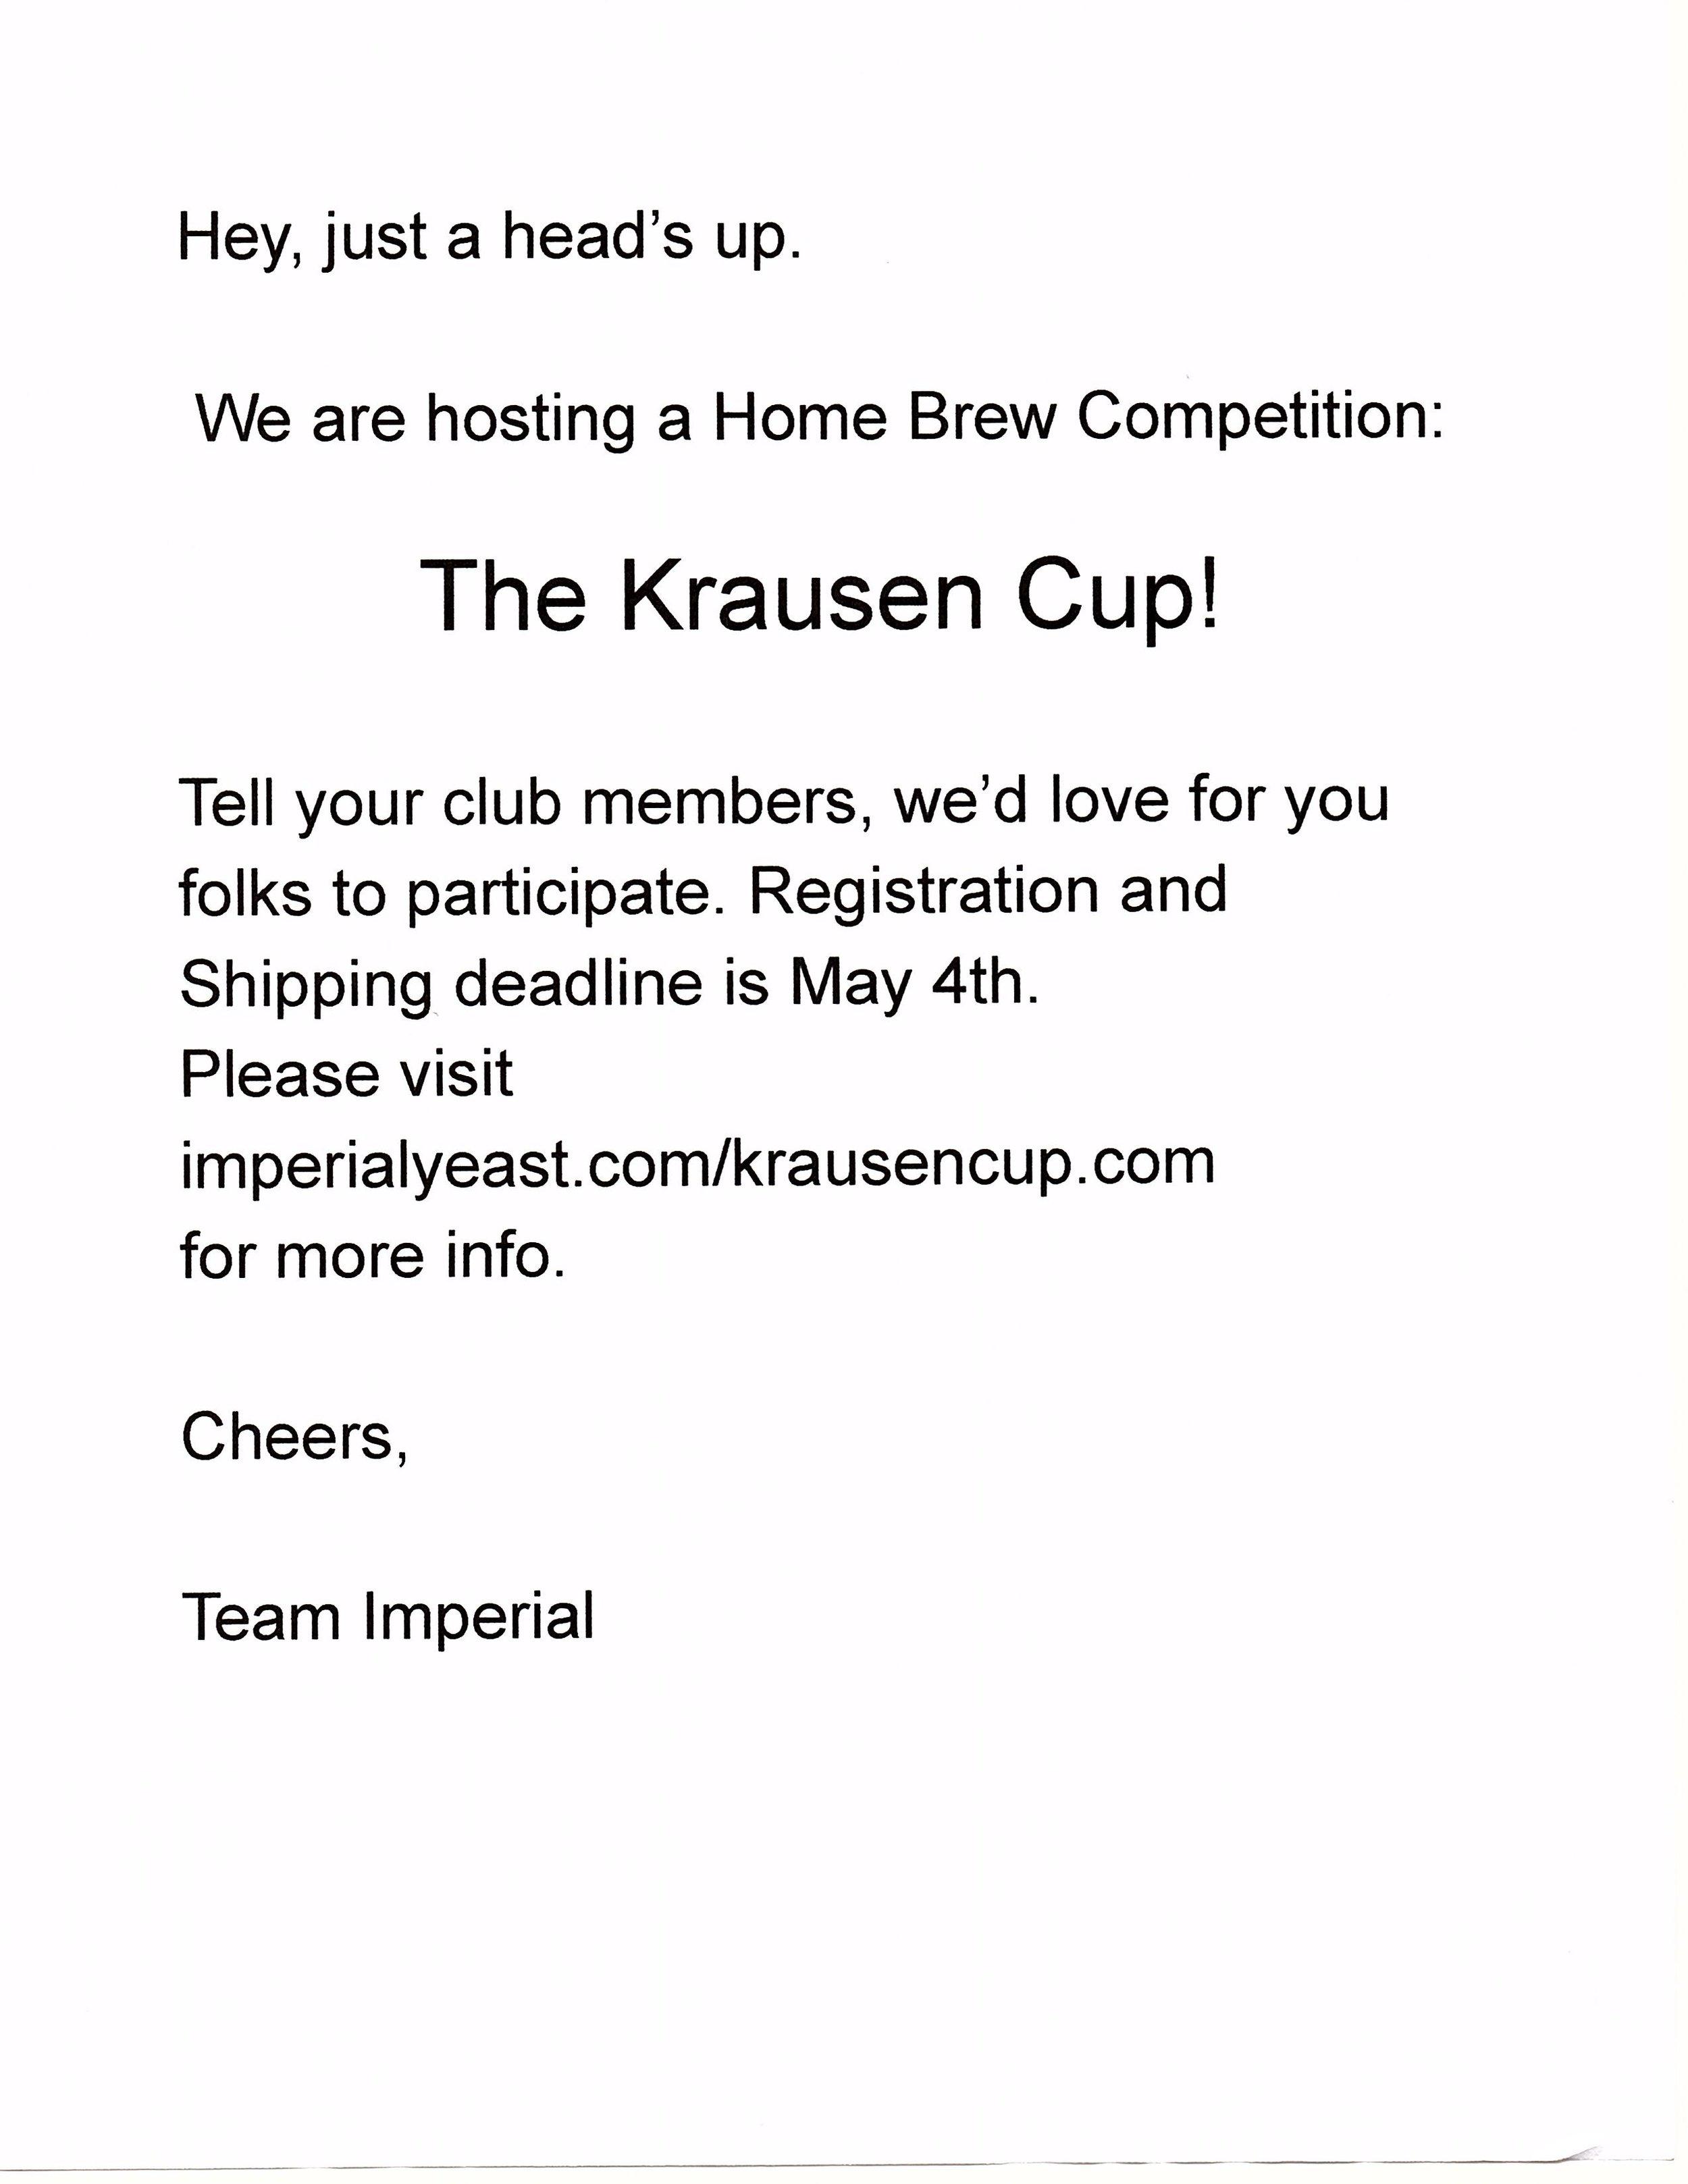 Krausen Cup.jpg